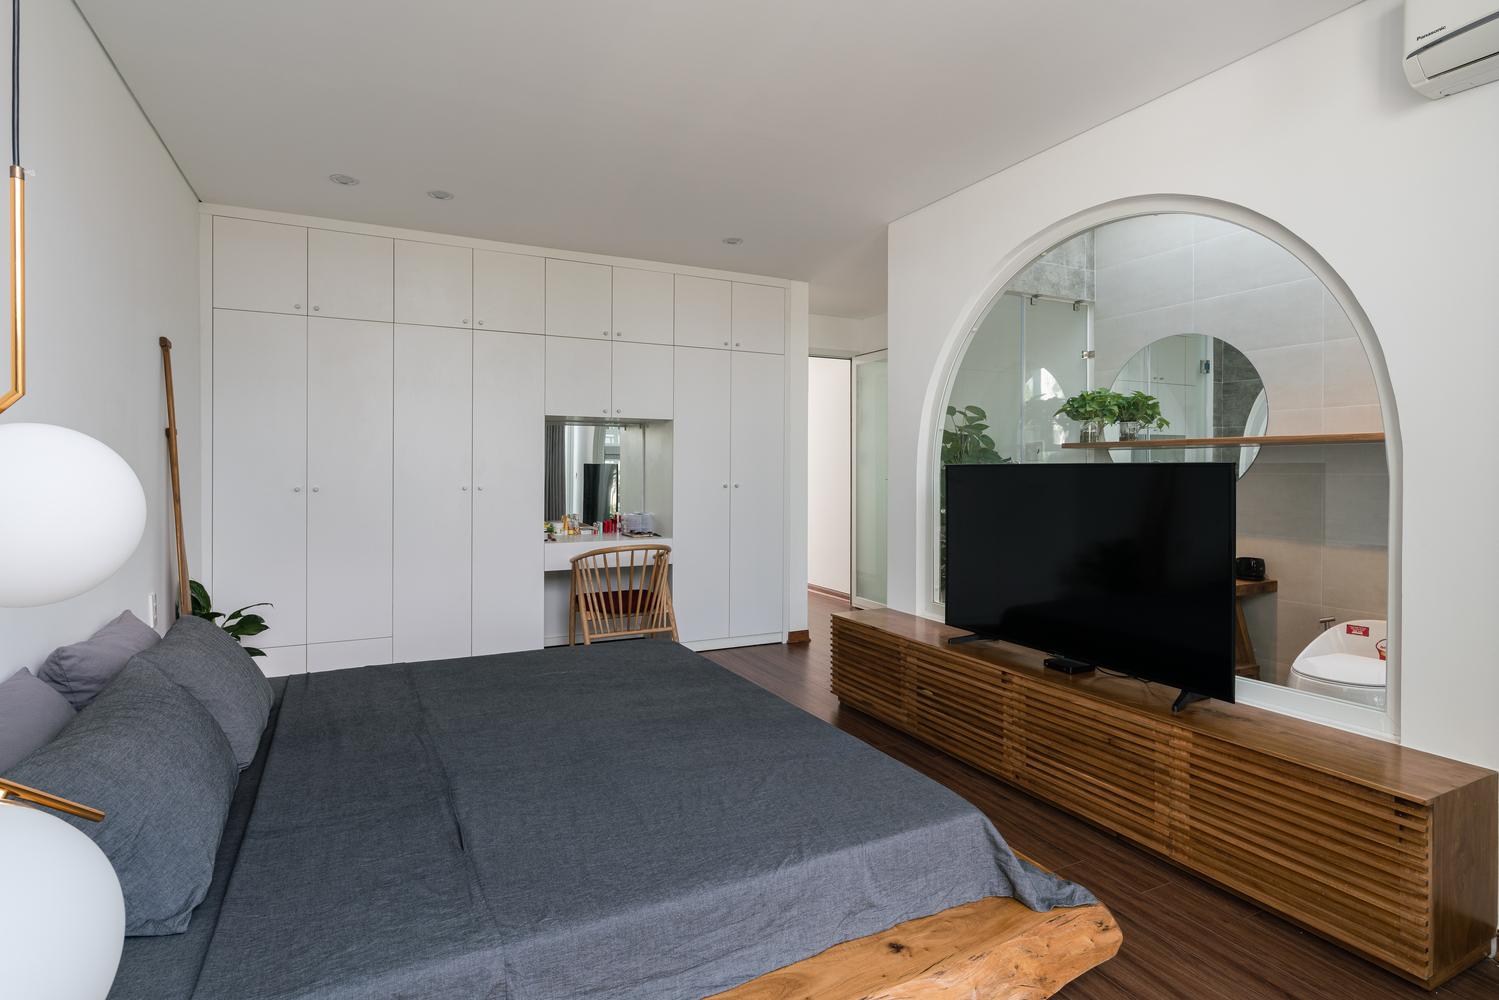 phòng ngủ có tivi và bàn trang điểm